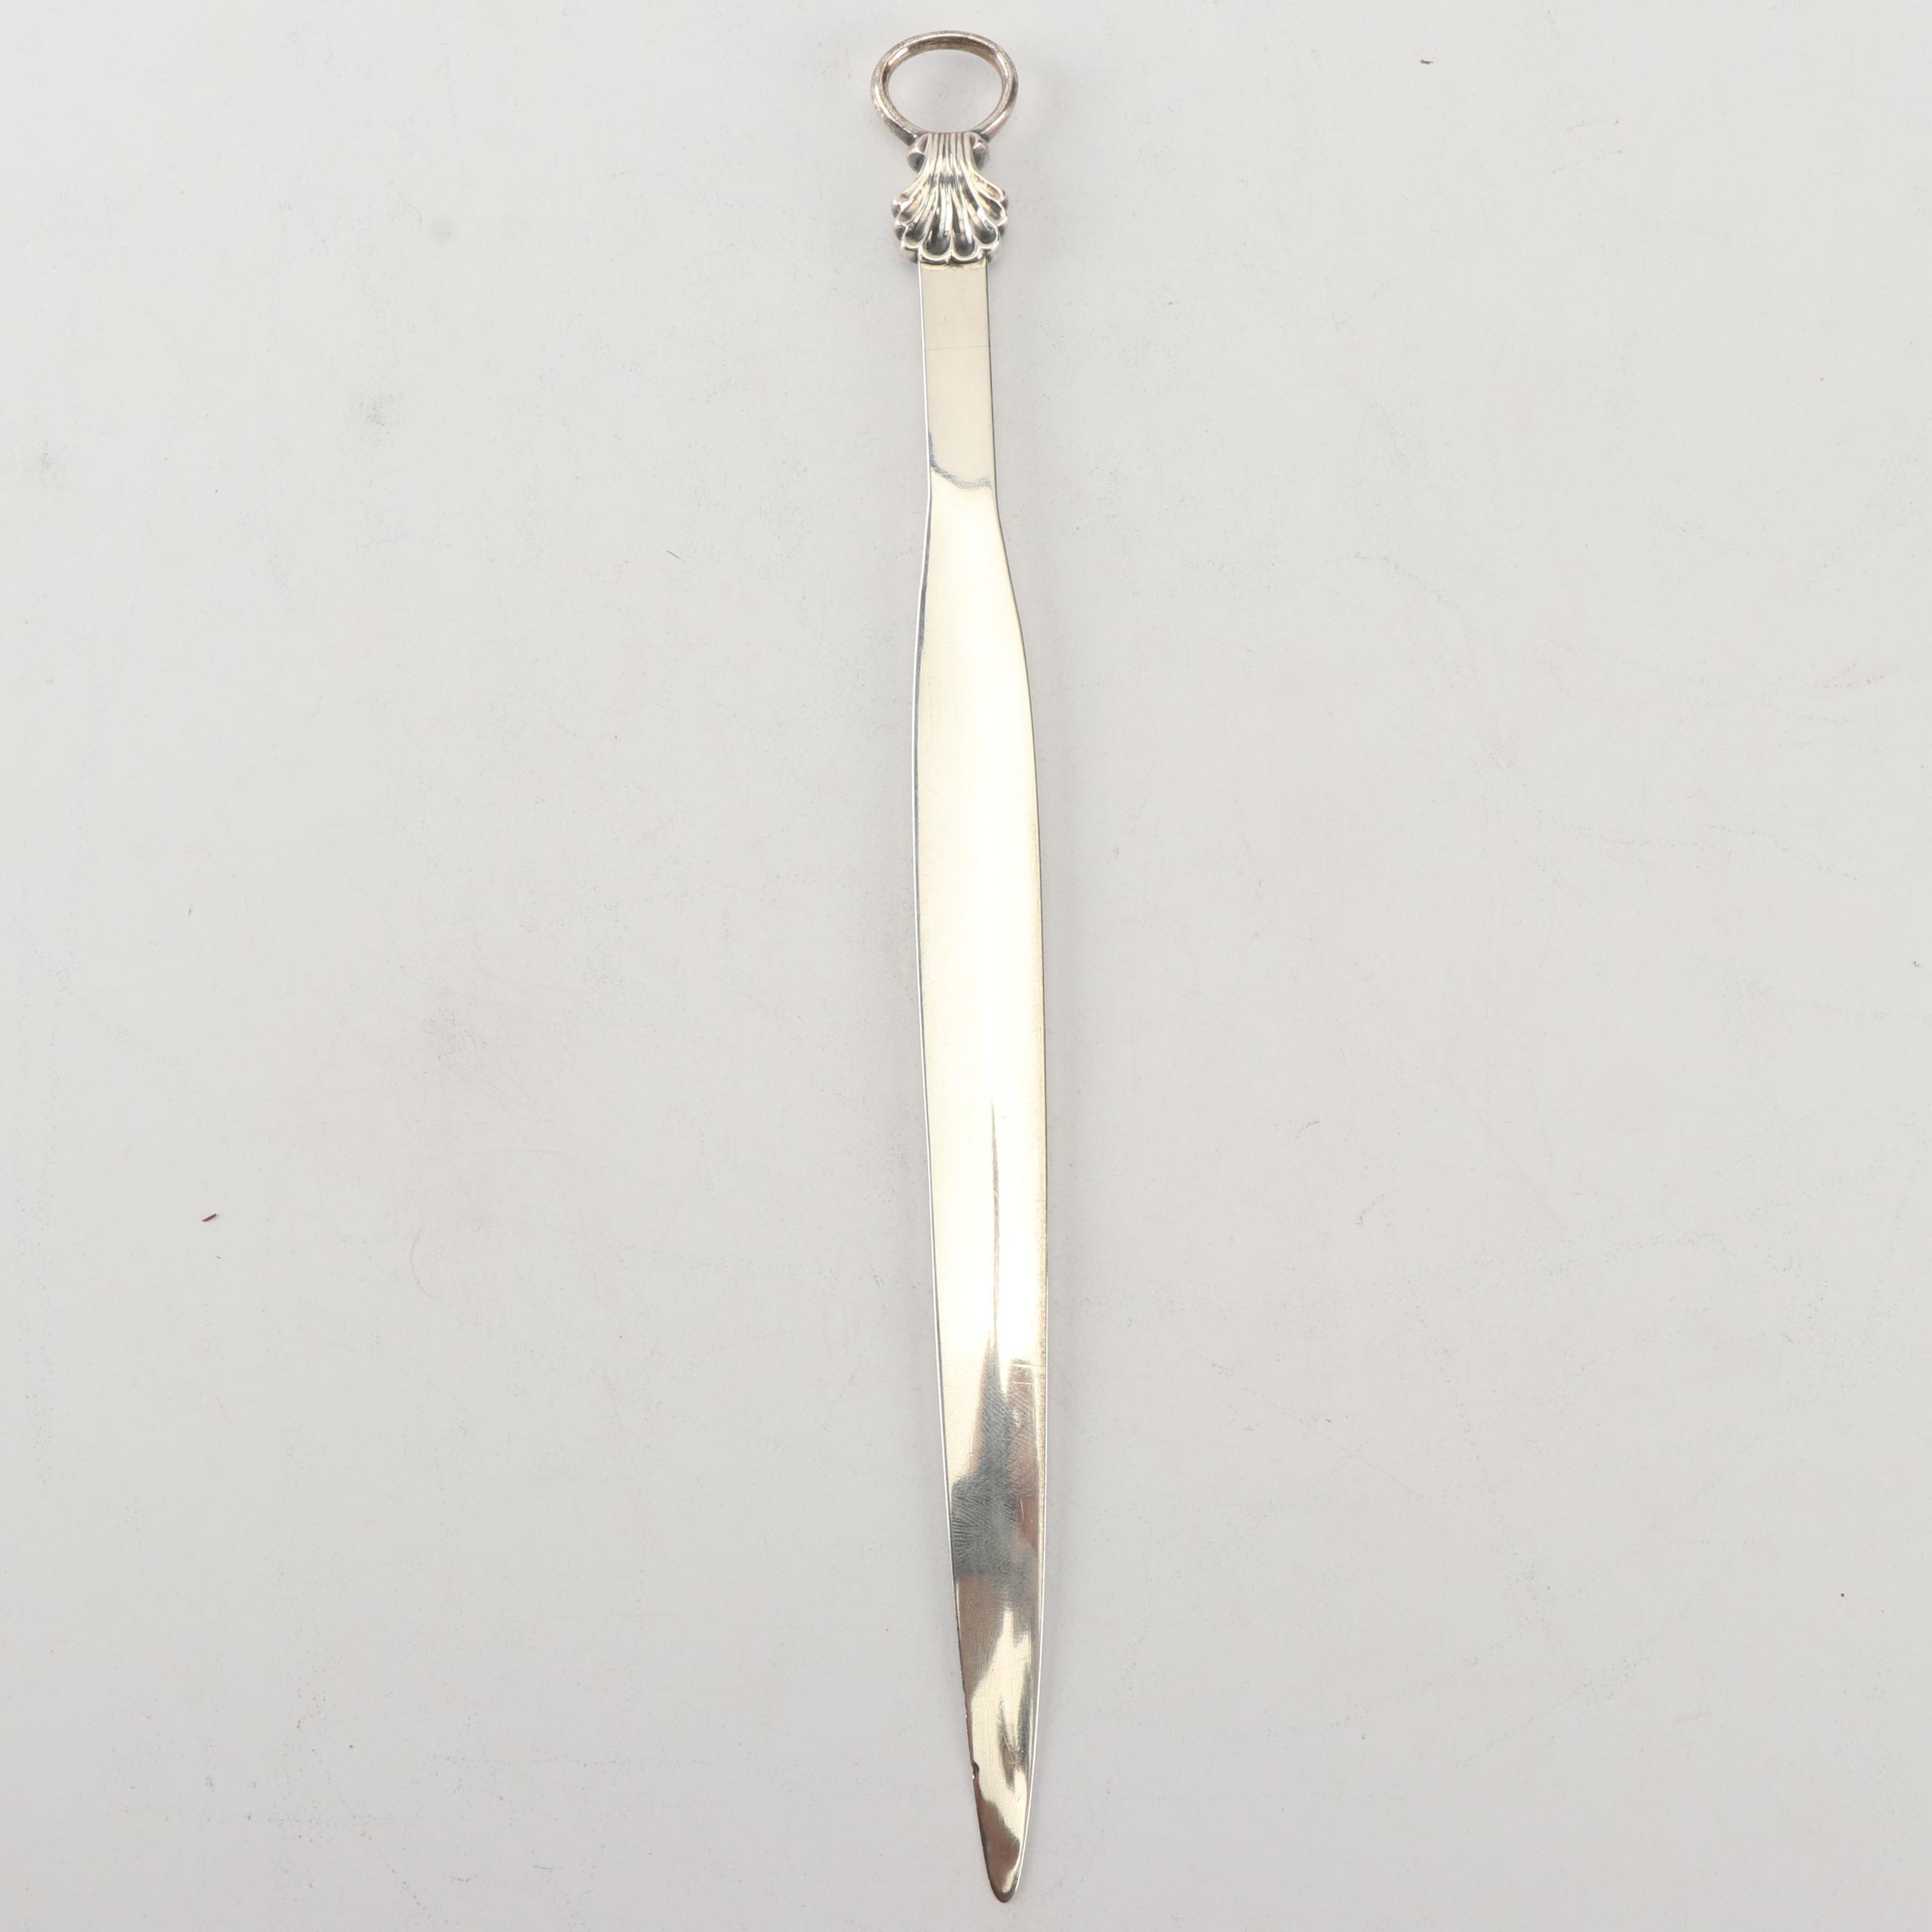 George III Silver Meat Skewer, Mark of William Sumner I, London 1793